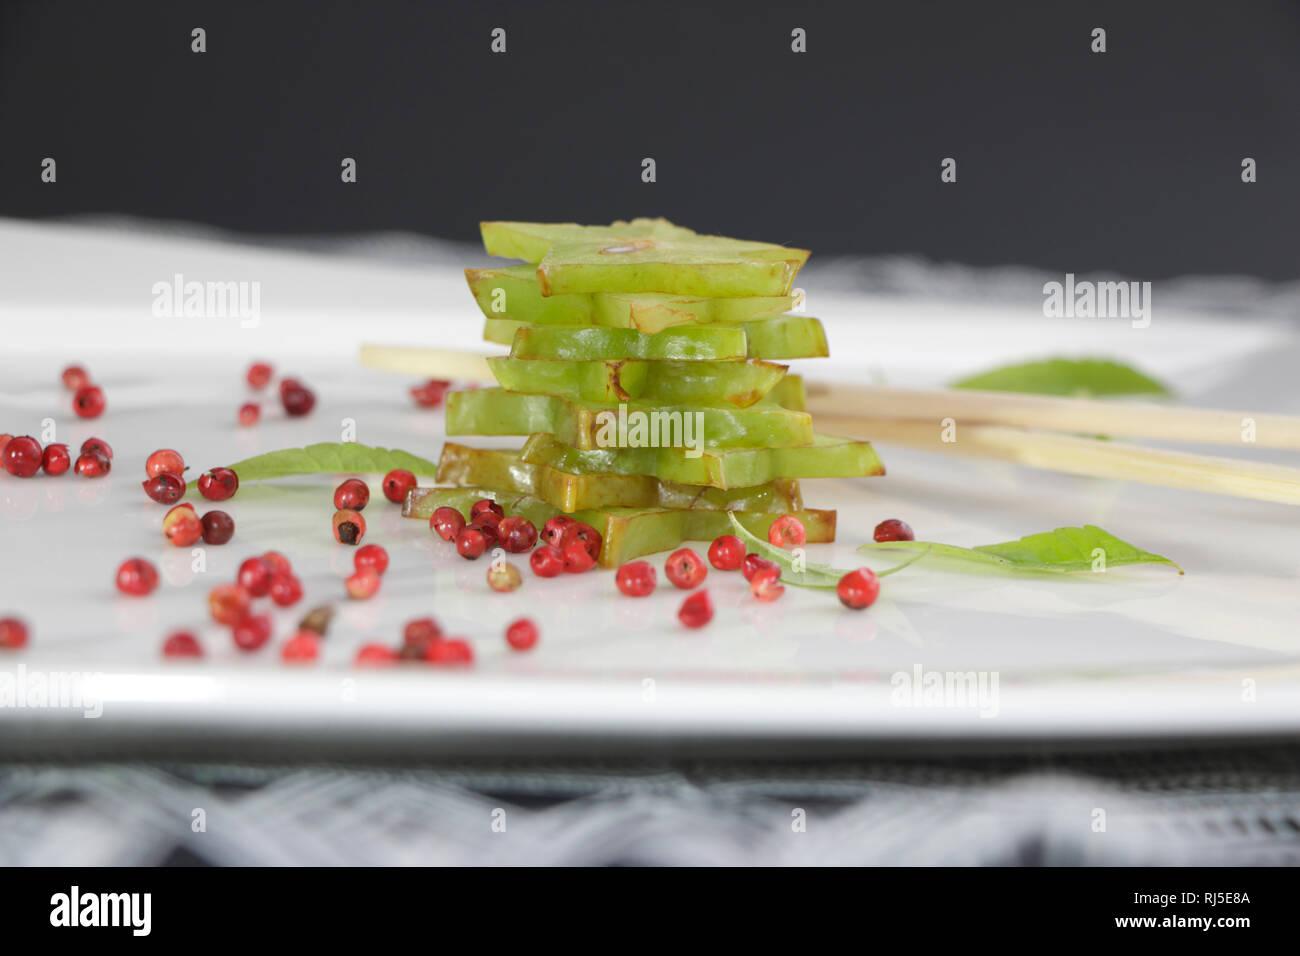 Sternfrucht in Scheiben - Stock Image